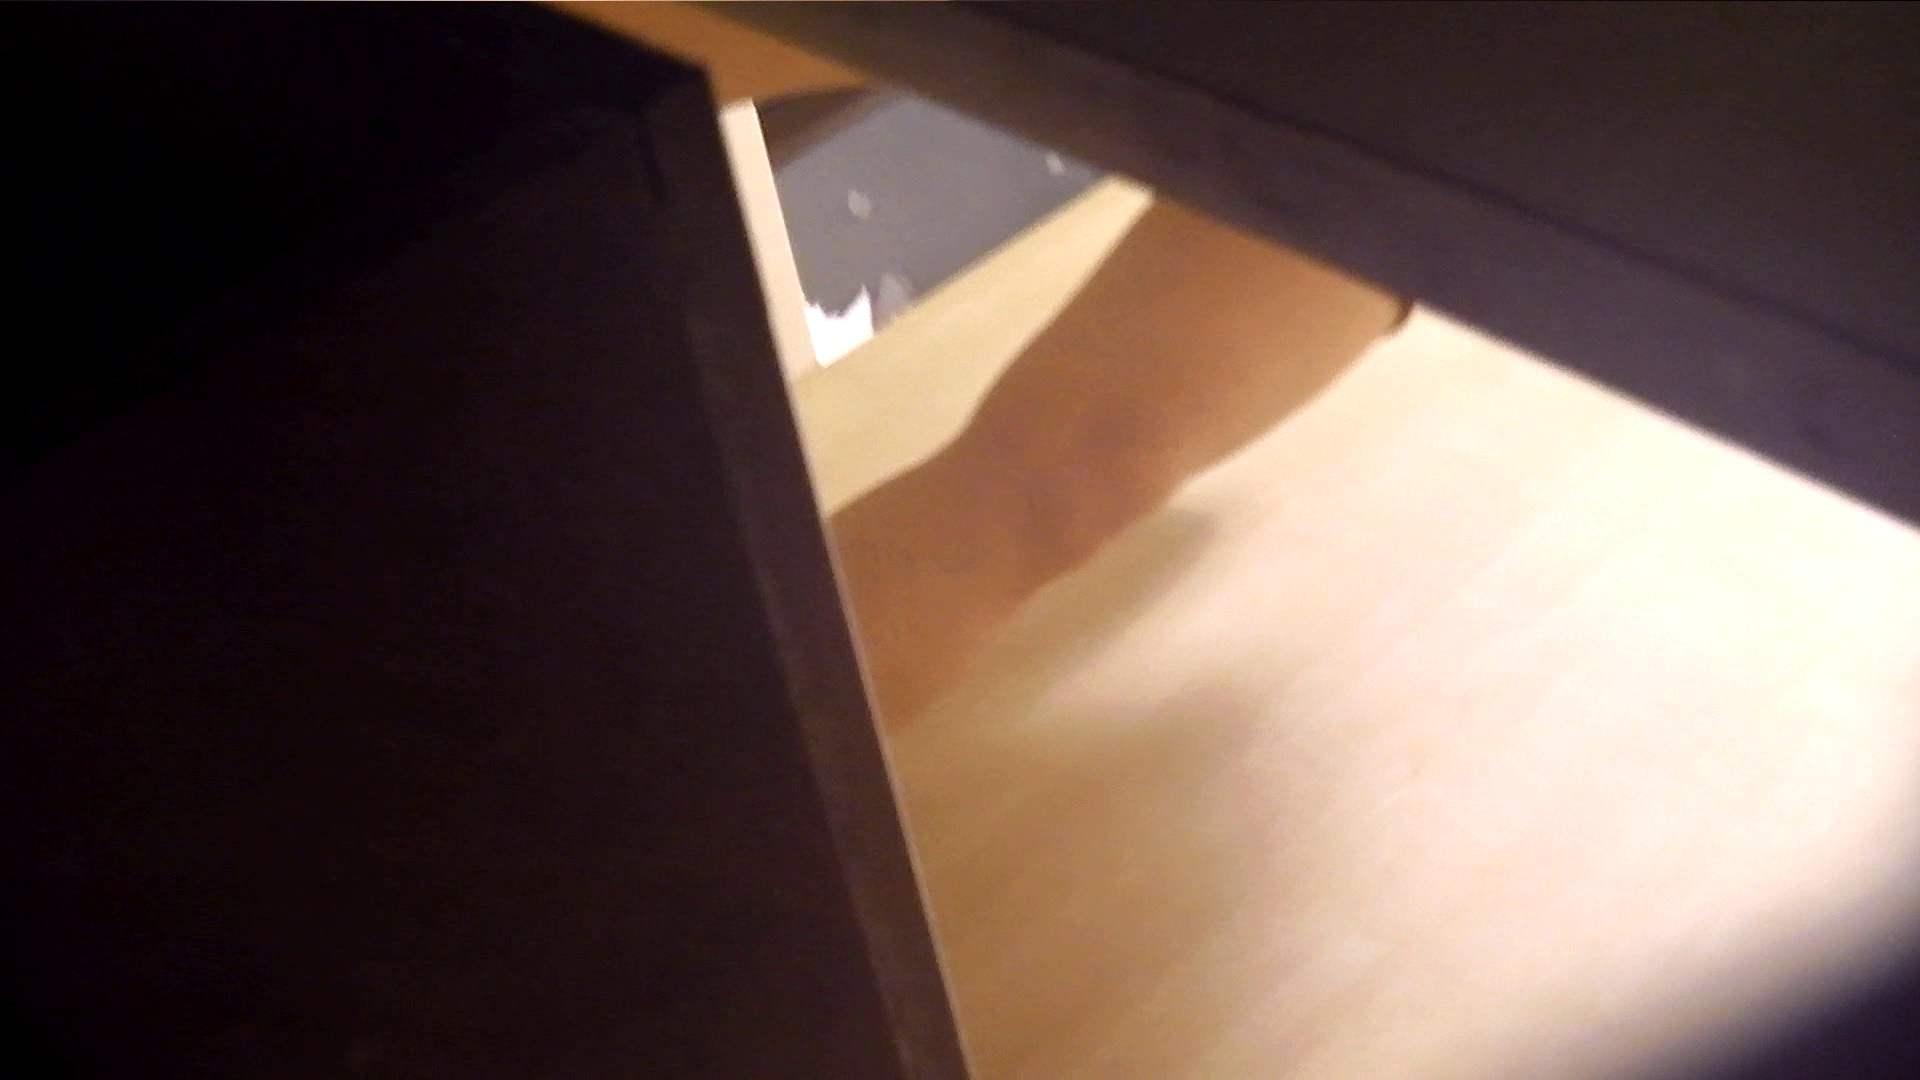 阿国ちゃんの「和式洋式七変化」No.9 洗面所のぞき オマンコ無修正動画無料 98枚 53